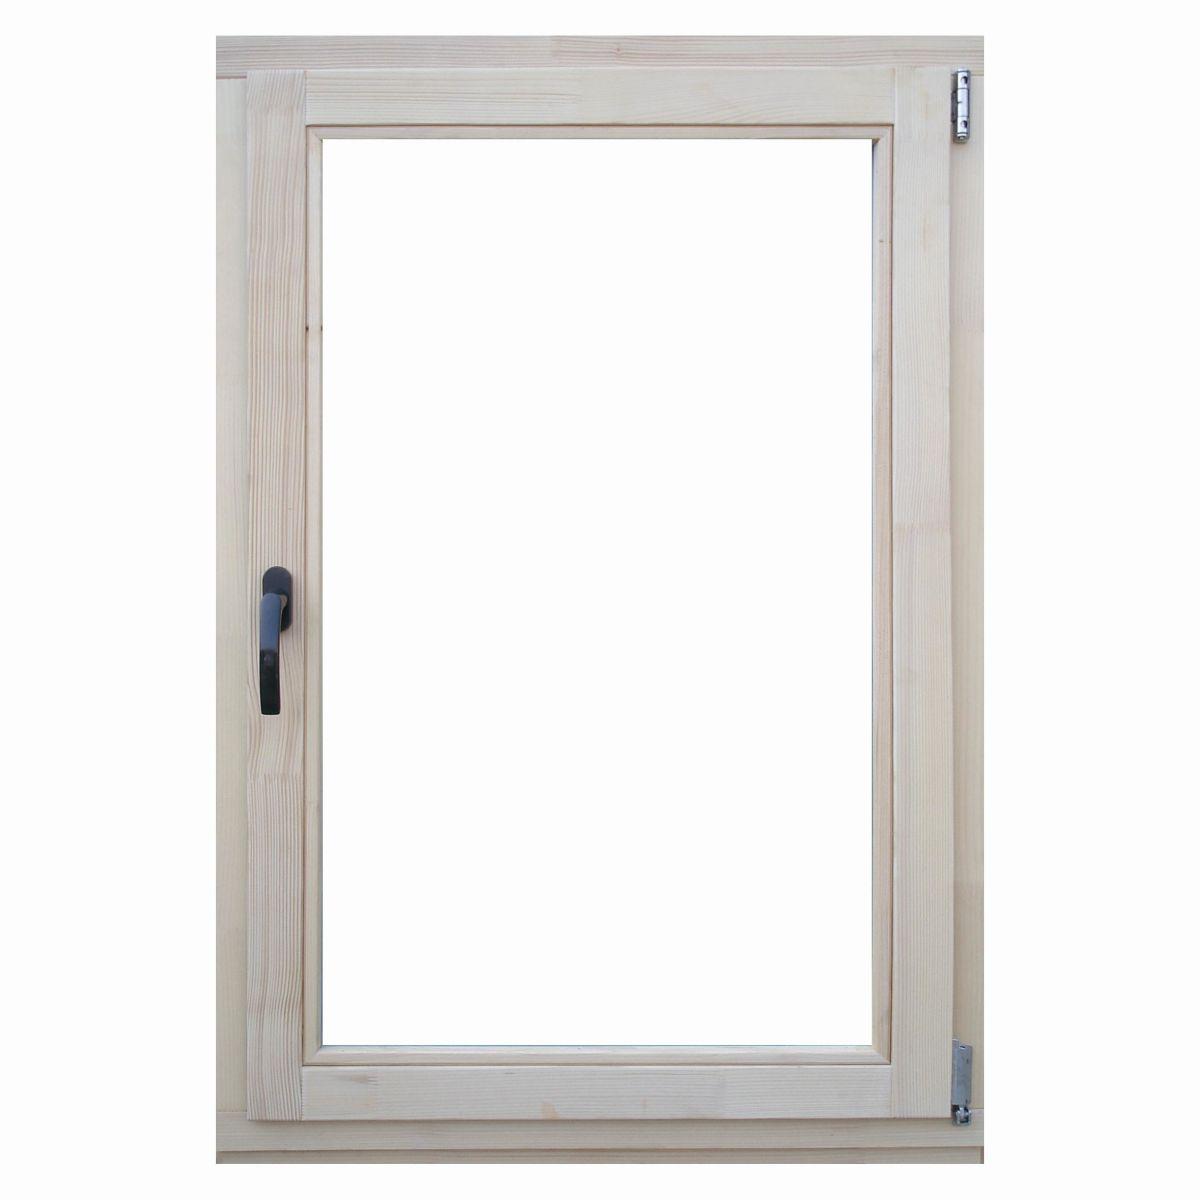 Top porte scale e abete l x h cm dx with finestre tonde - Porte e finestre usate ...